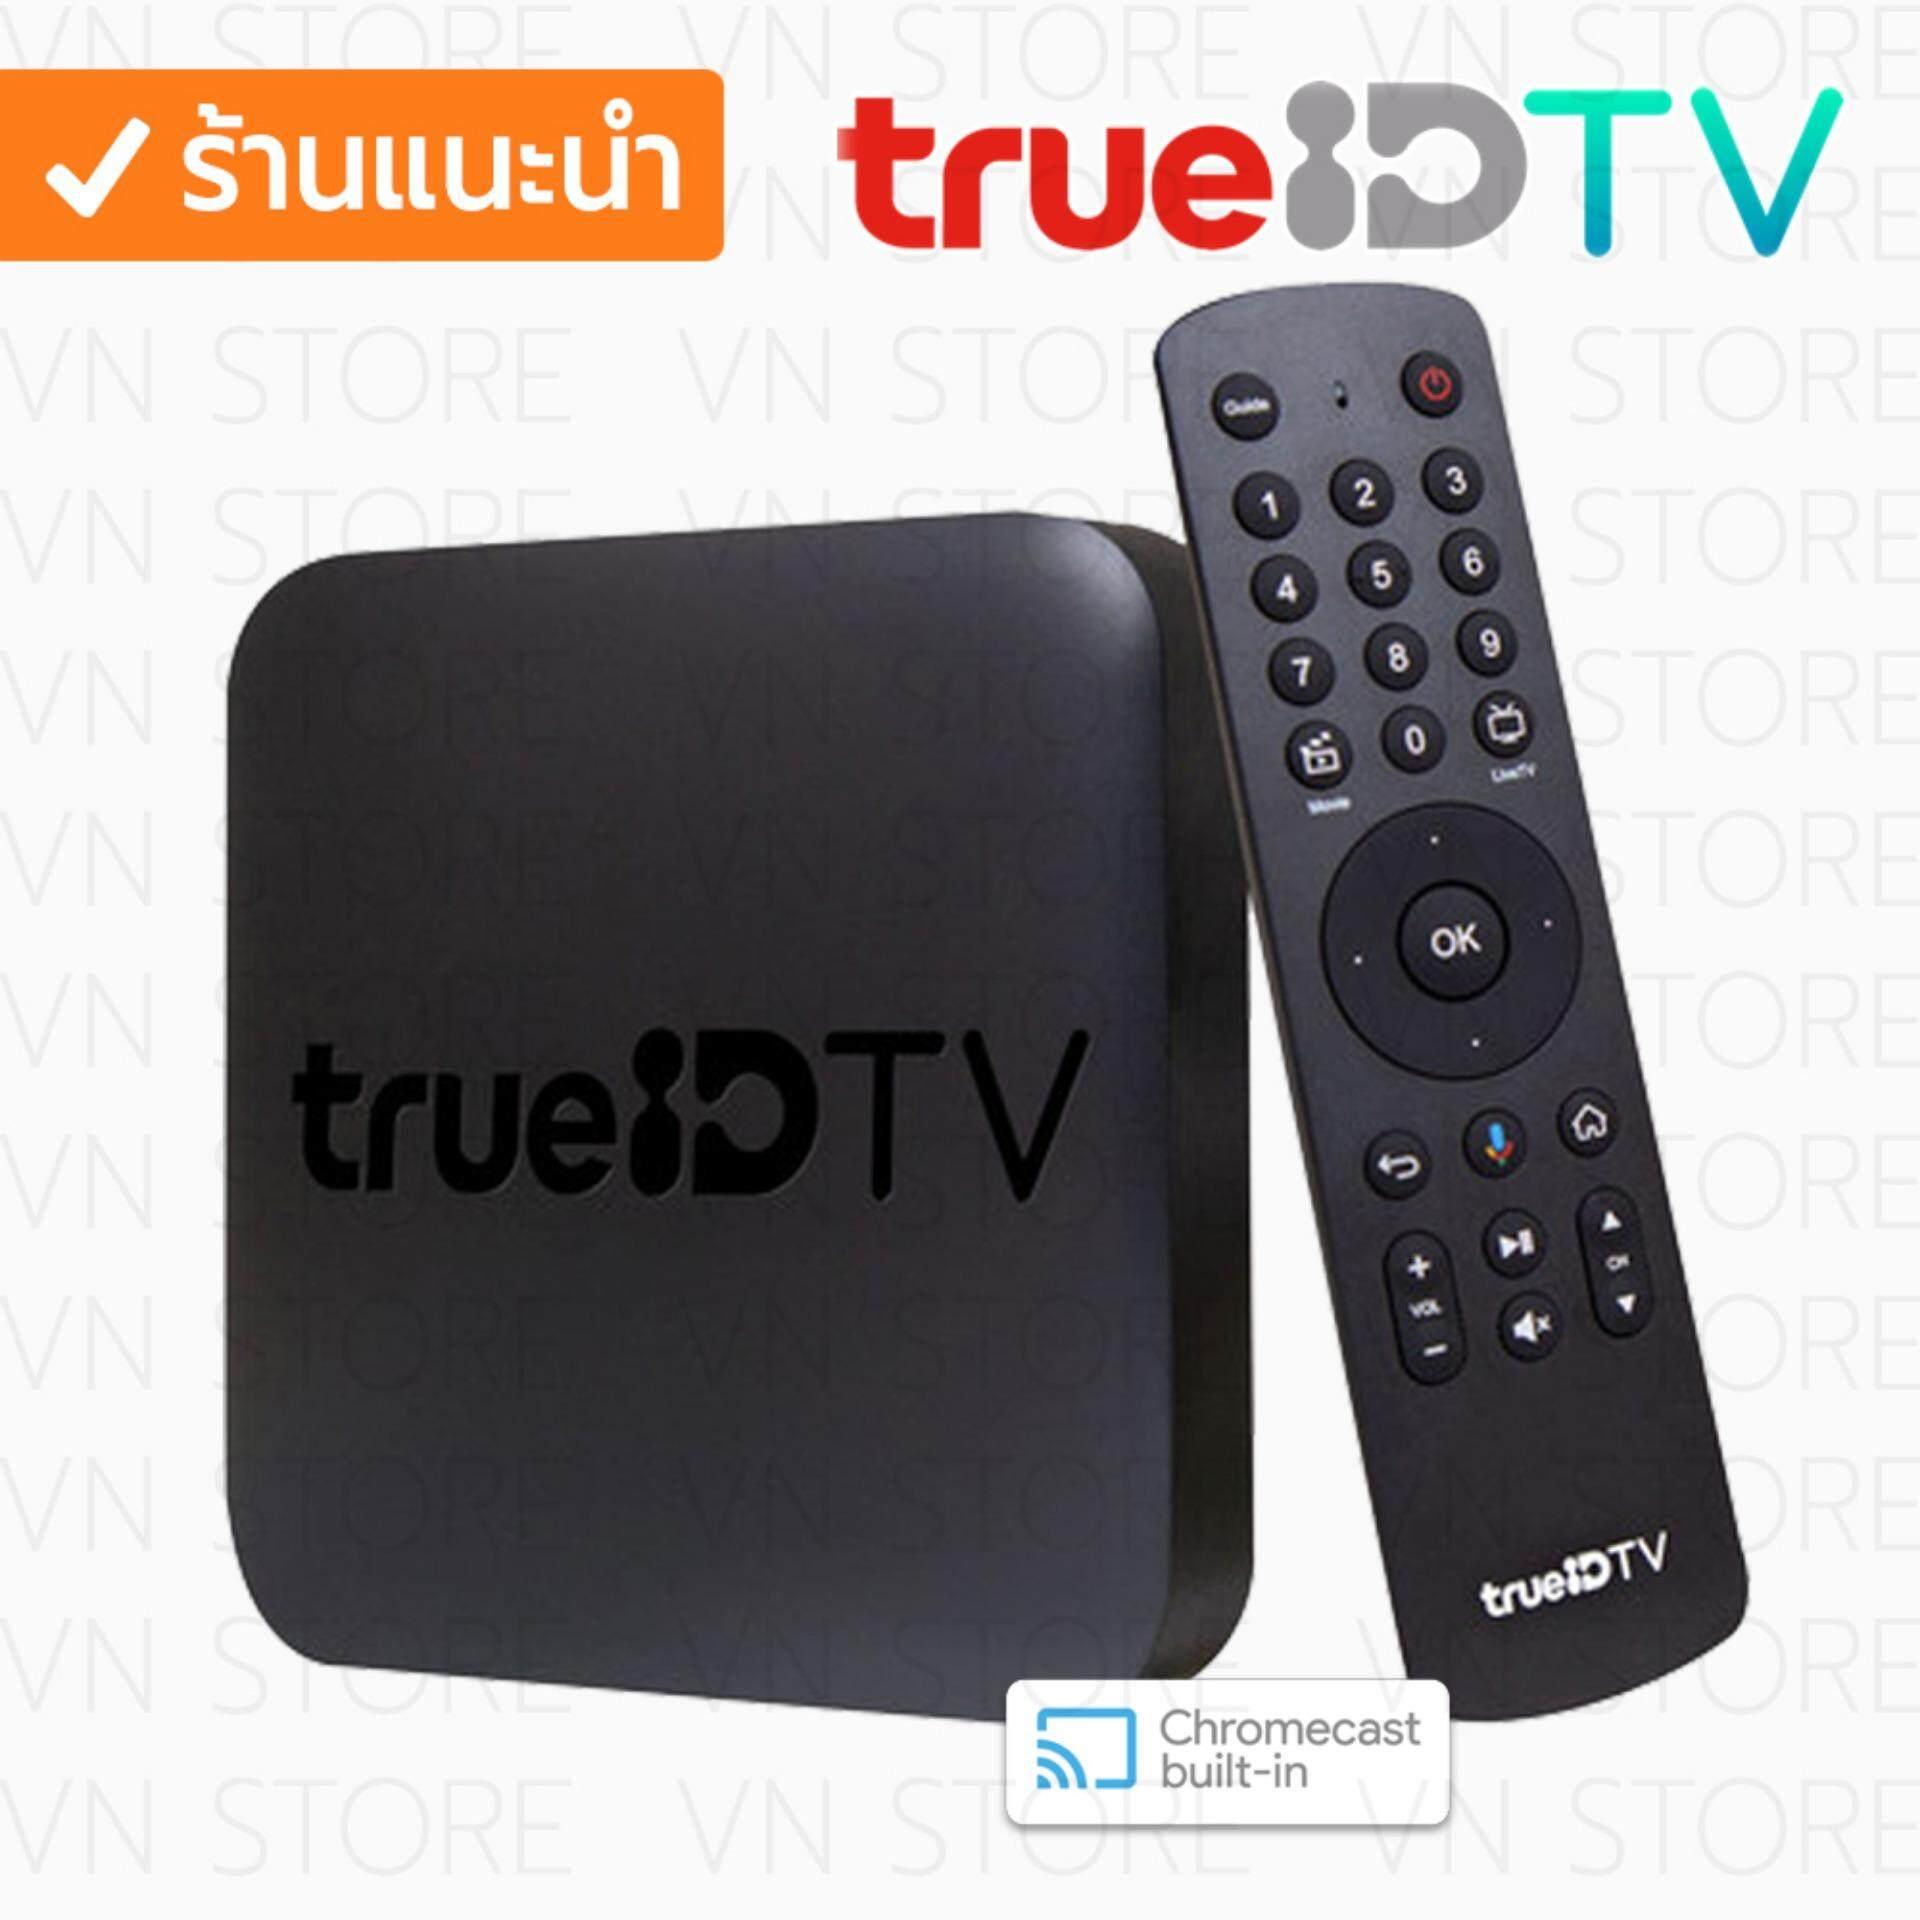 ทำบัตรเครดิตออนไลน์  ระนอง TrueID TV รุ่นใหม่ล่าสุด Android TV Box รับชมหลากหลายช่องดังและทีวีดิจิทัล ทั้งหนัง บันเทิง ซีรี่ย์ กีฬา (กล่องซื้อขาด&ไม่มีข้อผูดมัด&ไม่ต้องจ่ายรายเดือน) Chromecast built-in